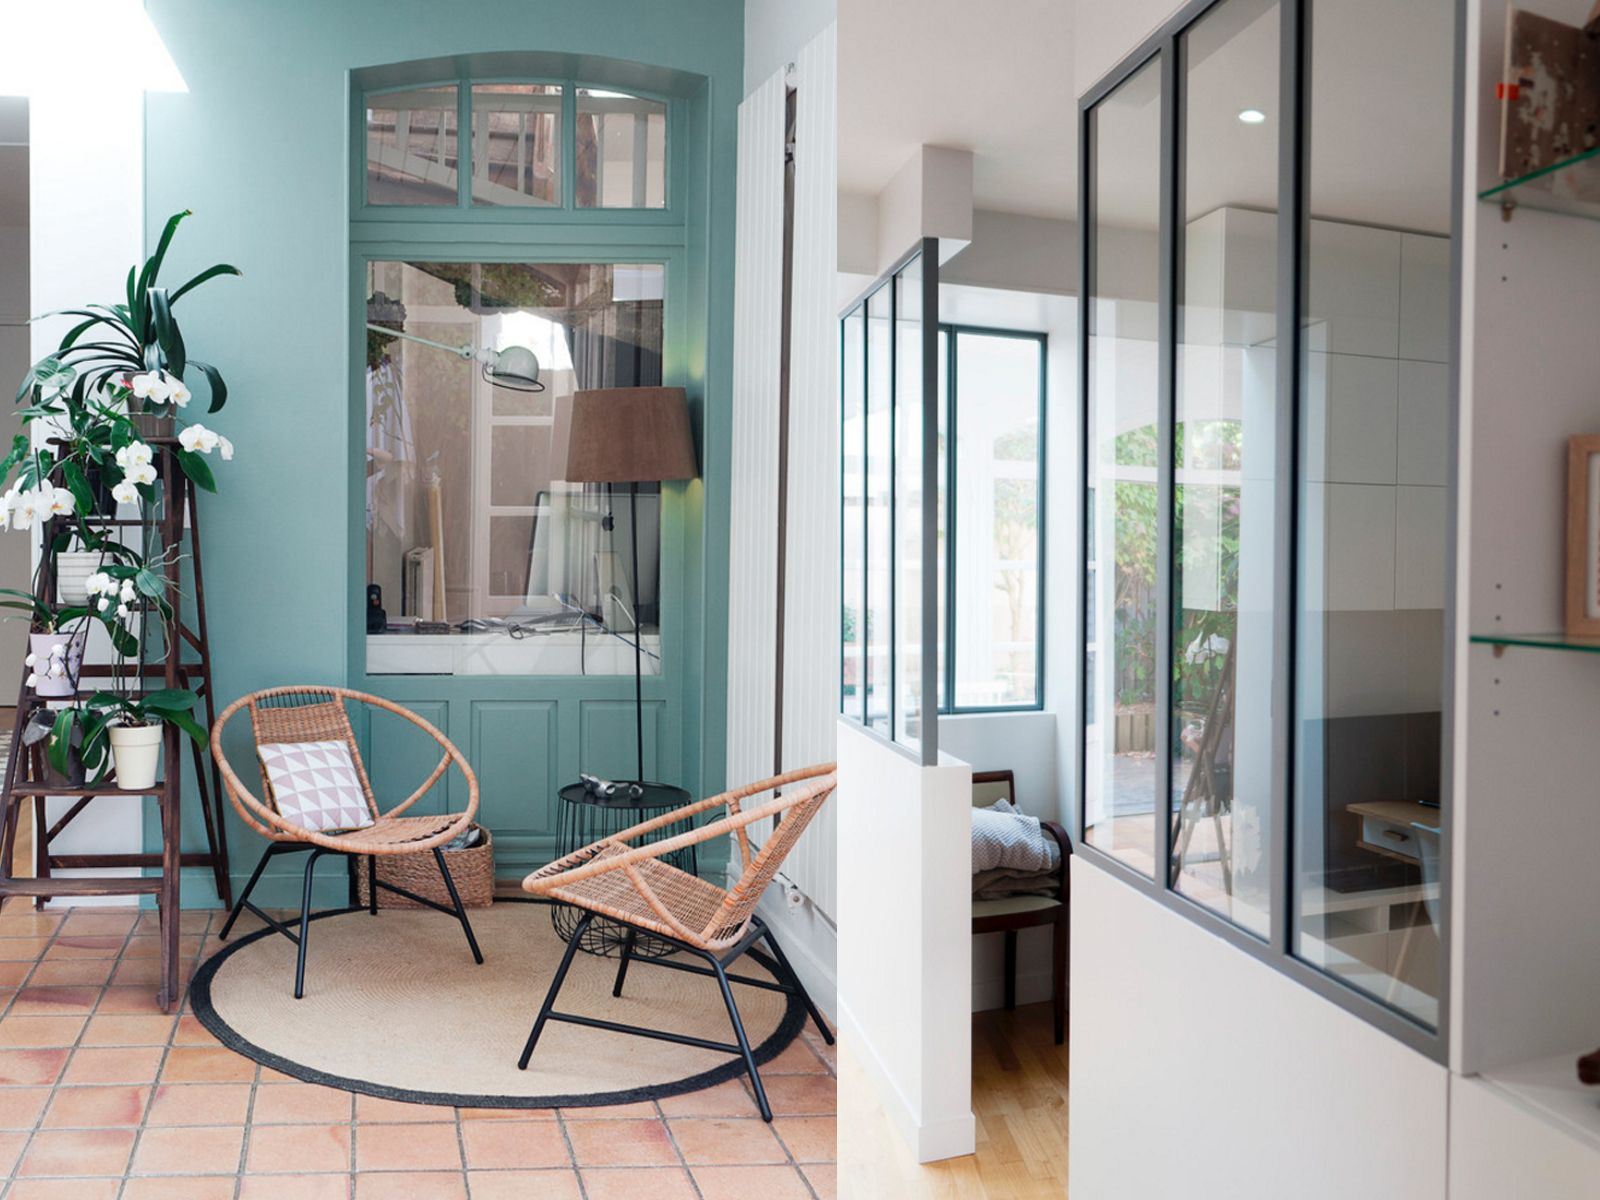 100 Incroyable Concepts Deco Maison Annee 30